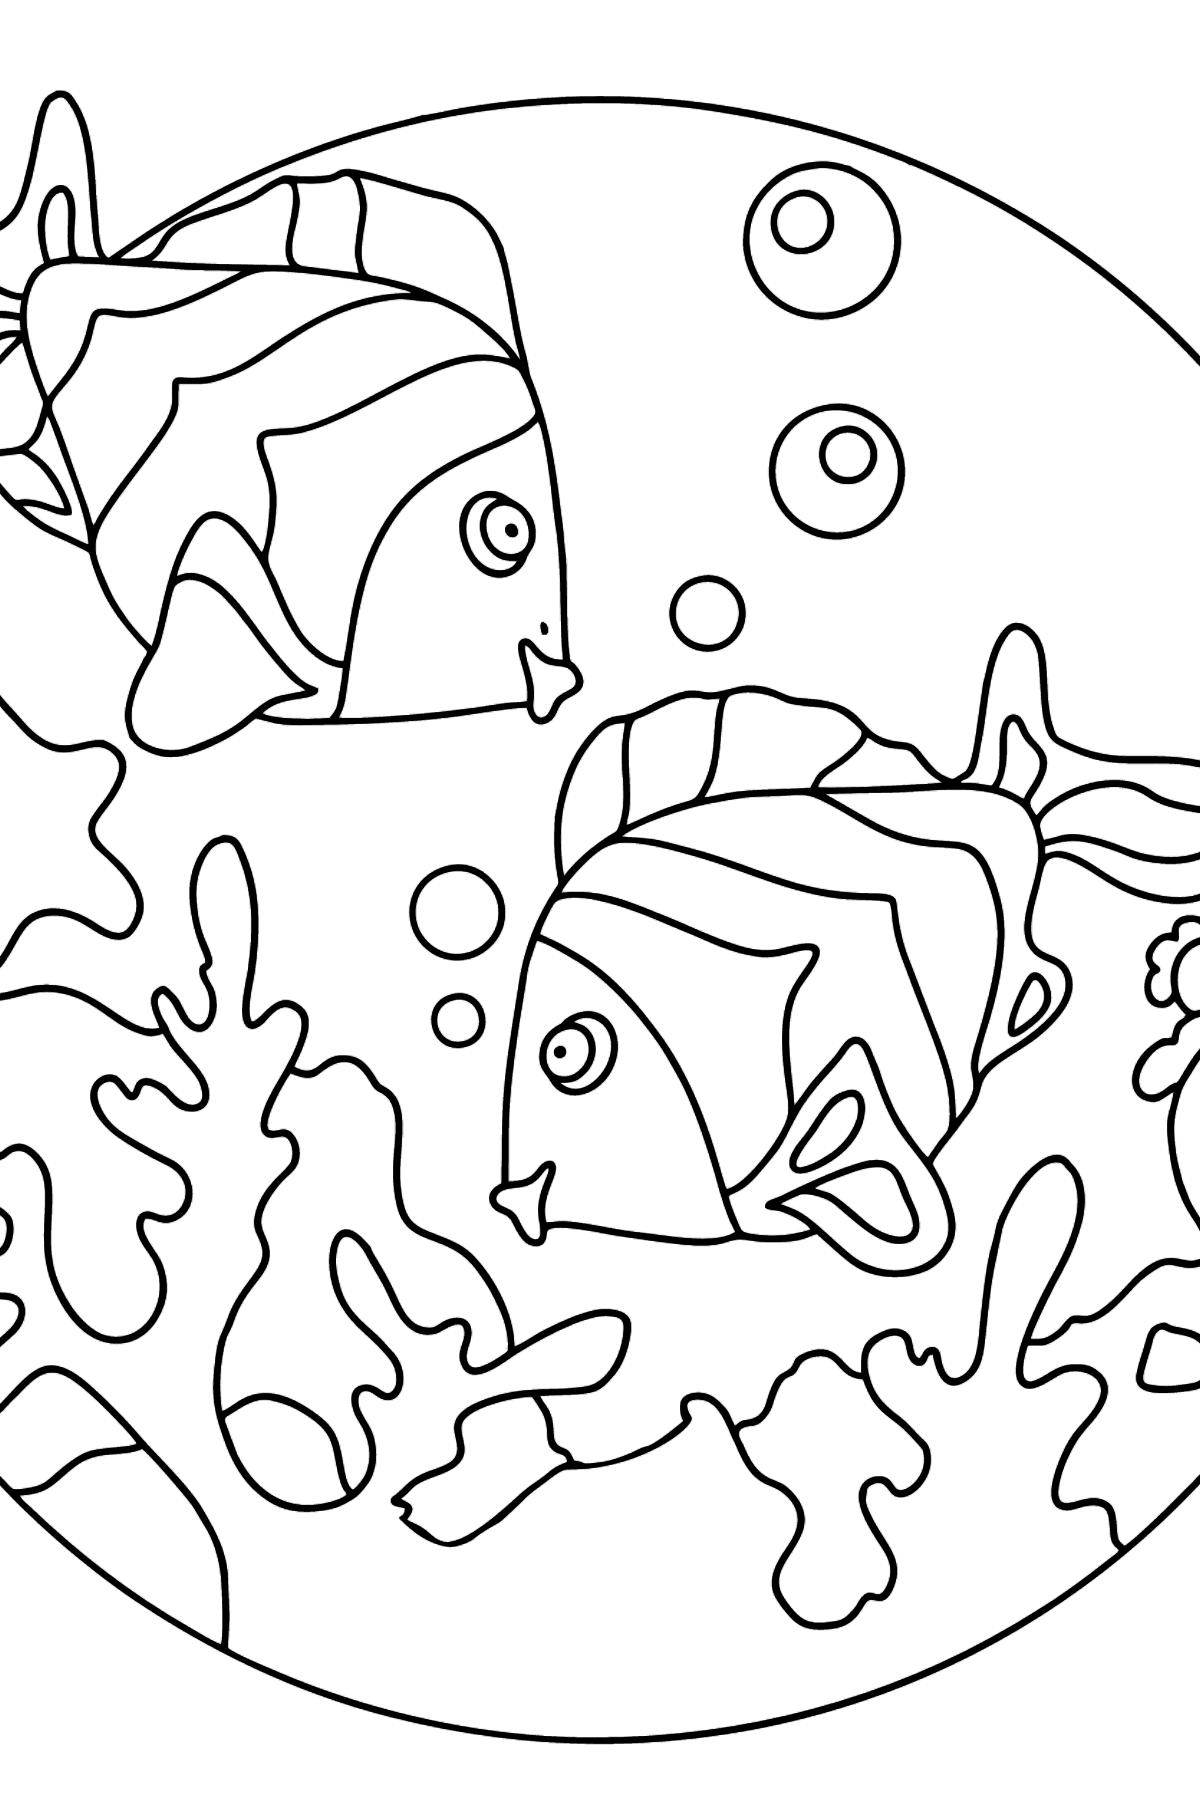 Malvolrage - Fische schwimmen sehr energisch - Malvorlagen für Kinder